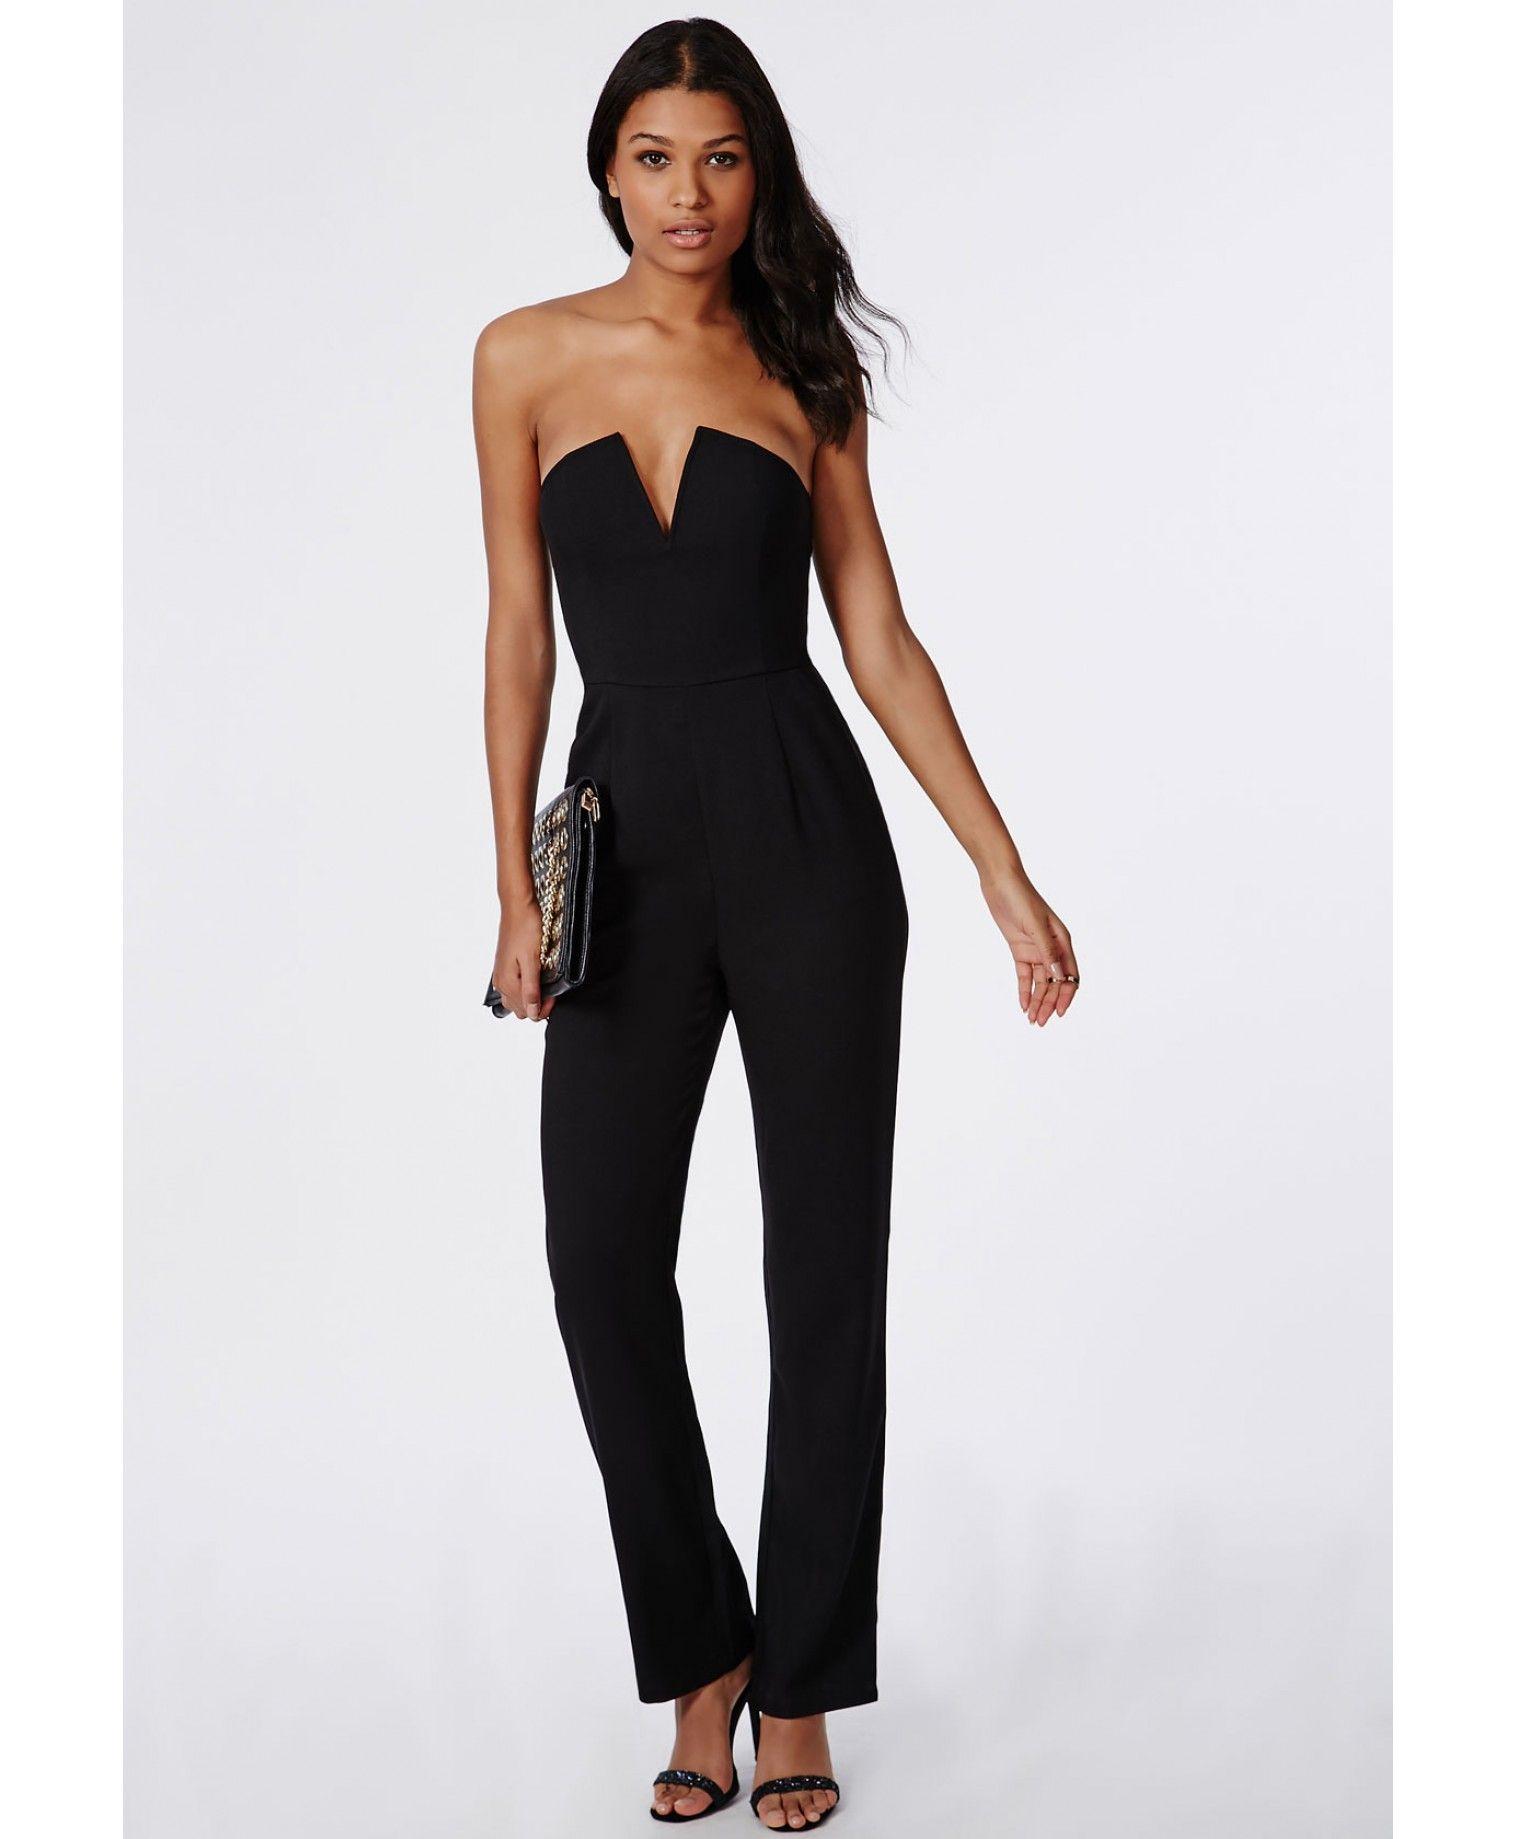 33178eef4e3 Bandeau Plunge Wide Leg Jumpsuit Black - Jumpsuits - Evening Jumpsuits -  Missguided